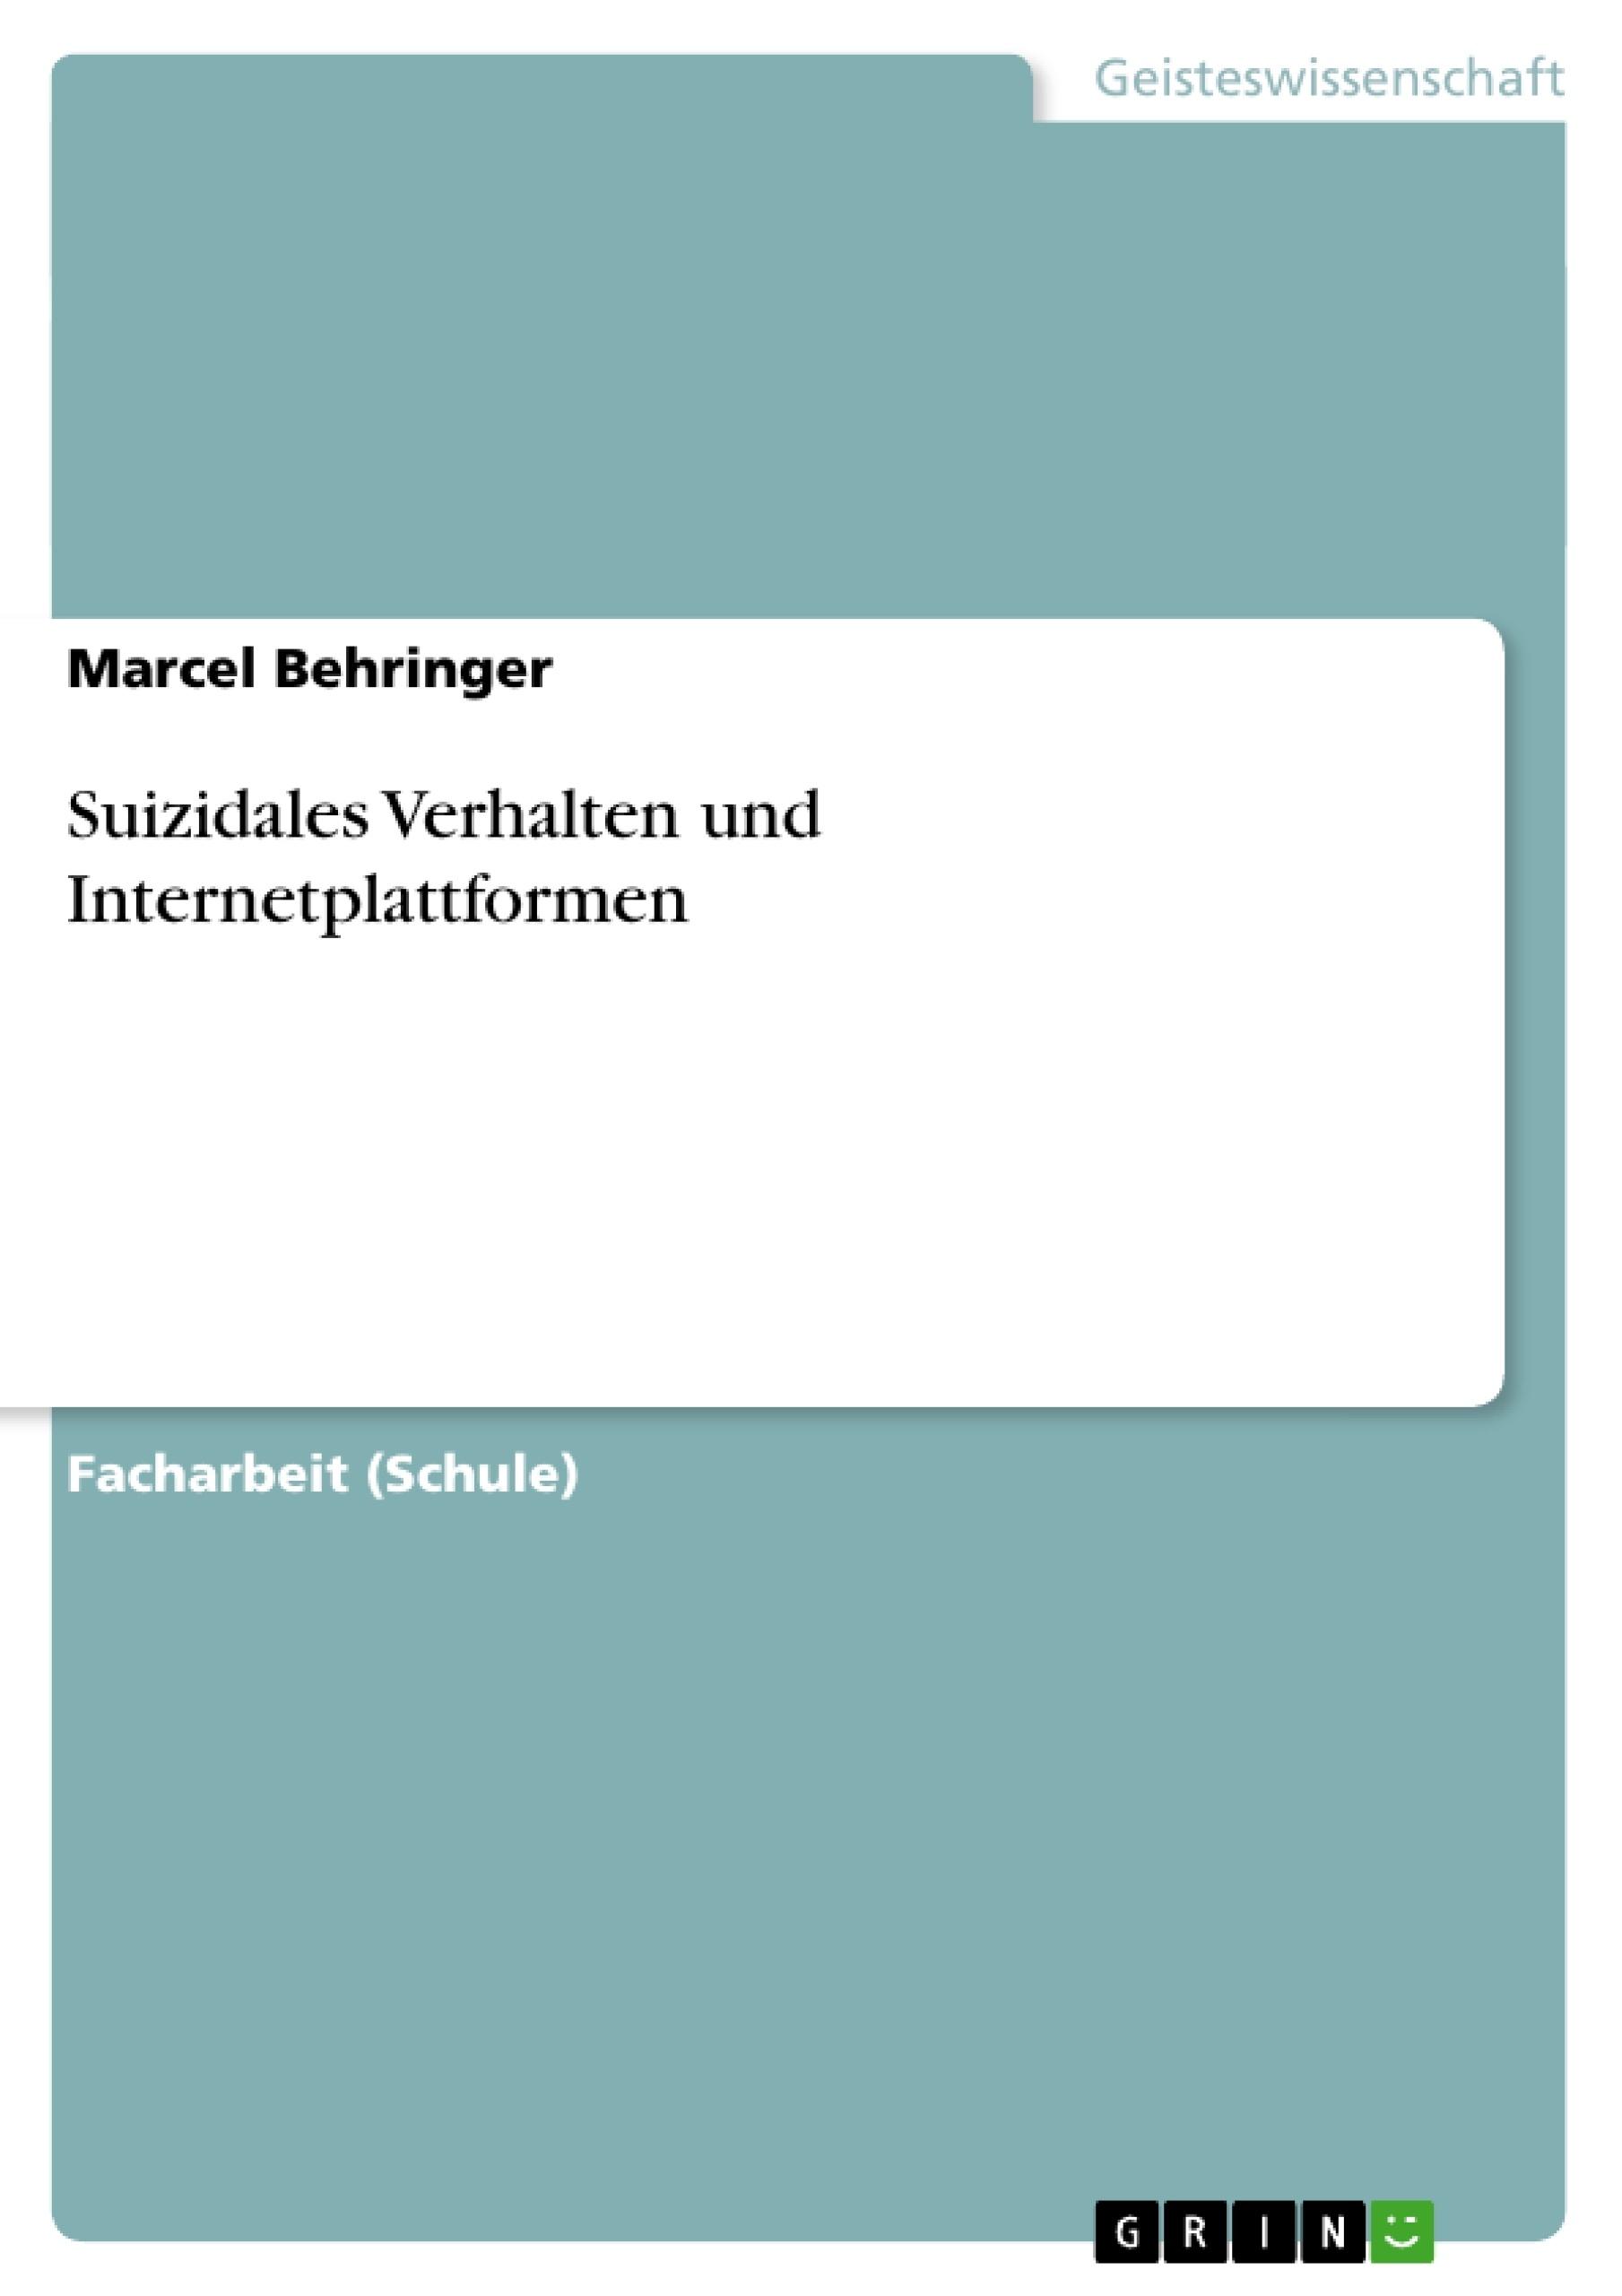 Titel: Suizidales Verhalten und Internetplattformen